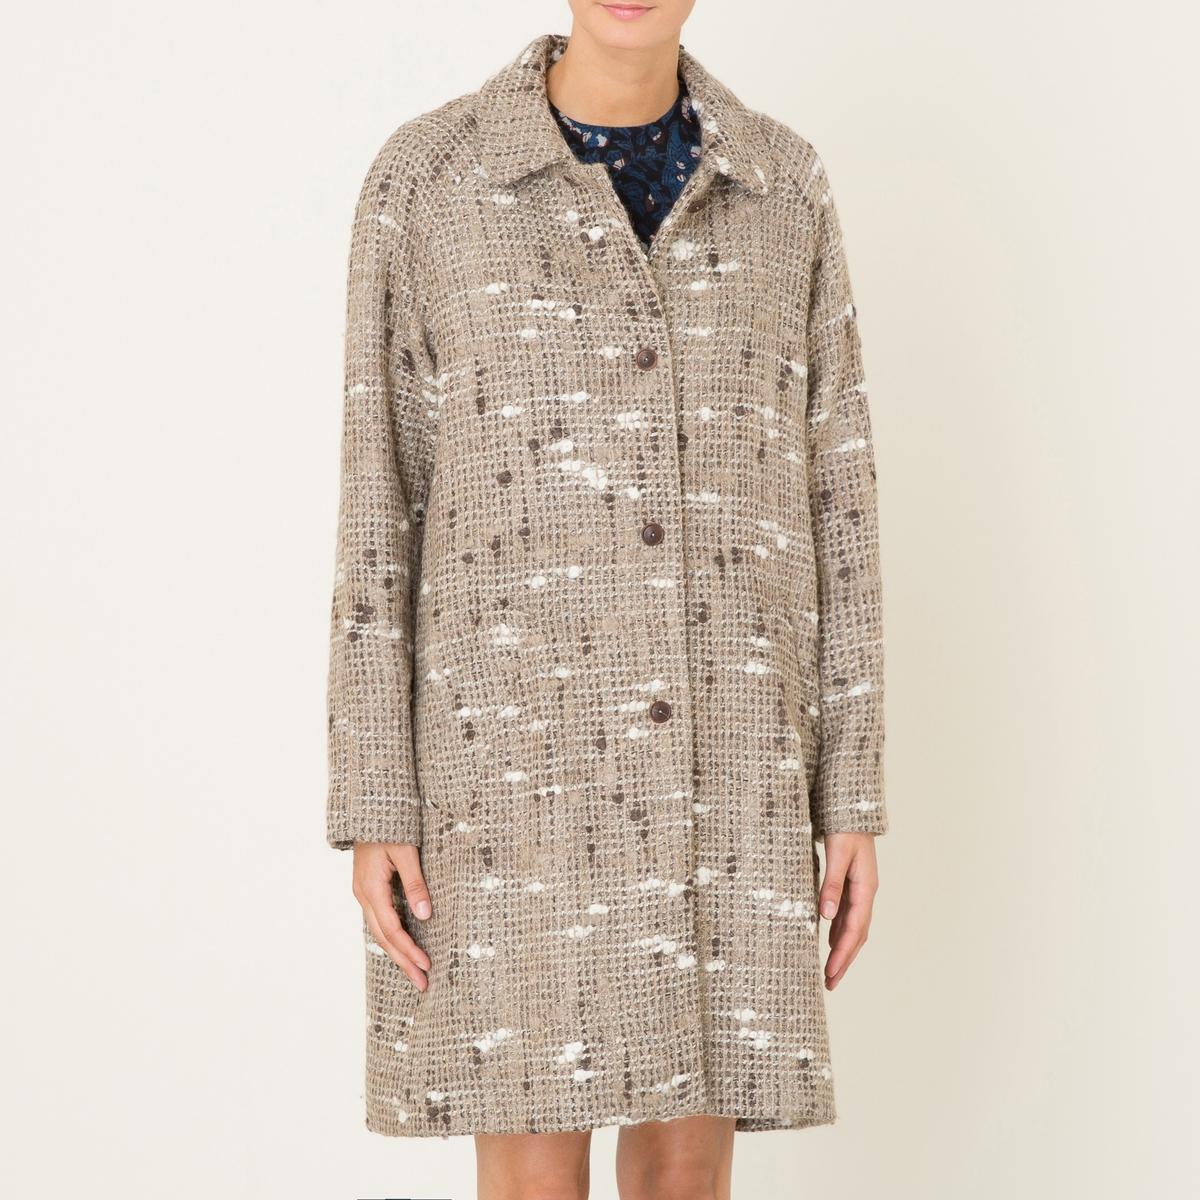 Пальто POZZOПальто покроя оверсайз DIEGA - модель POZZO, из разноцветной меланжевой шерстяной ткани. Рубашечный воротник с застежкой на пуговицы. Прямые длинные рукава. 2 больших накладных кармана спереди. Подкладка в полоску.Состав и описание :Материал : 34% шерсти, 25% акрила, 15% альпаки, 15% полиэстера, 7% вискозы, 4% полиамидаПодкладка 100% полиэстерМарка : DIEGA<br><br>Цвет: бежевый<br>Размер: XS.S